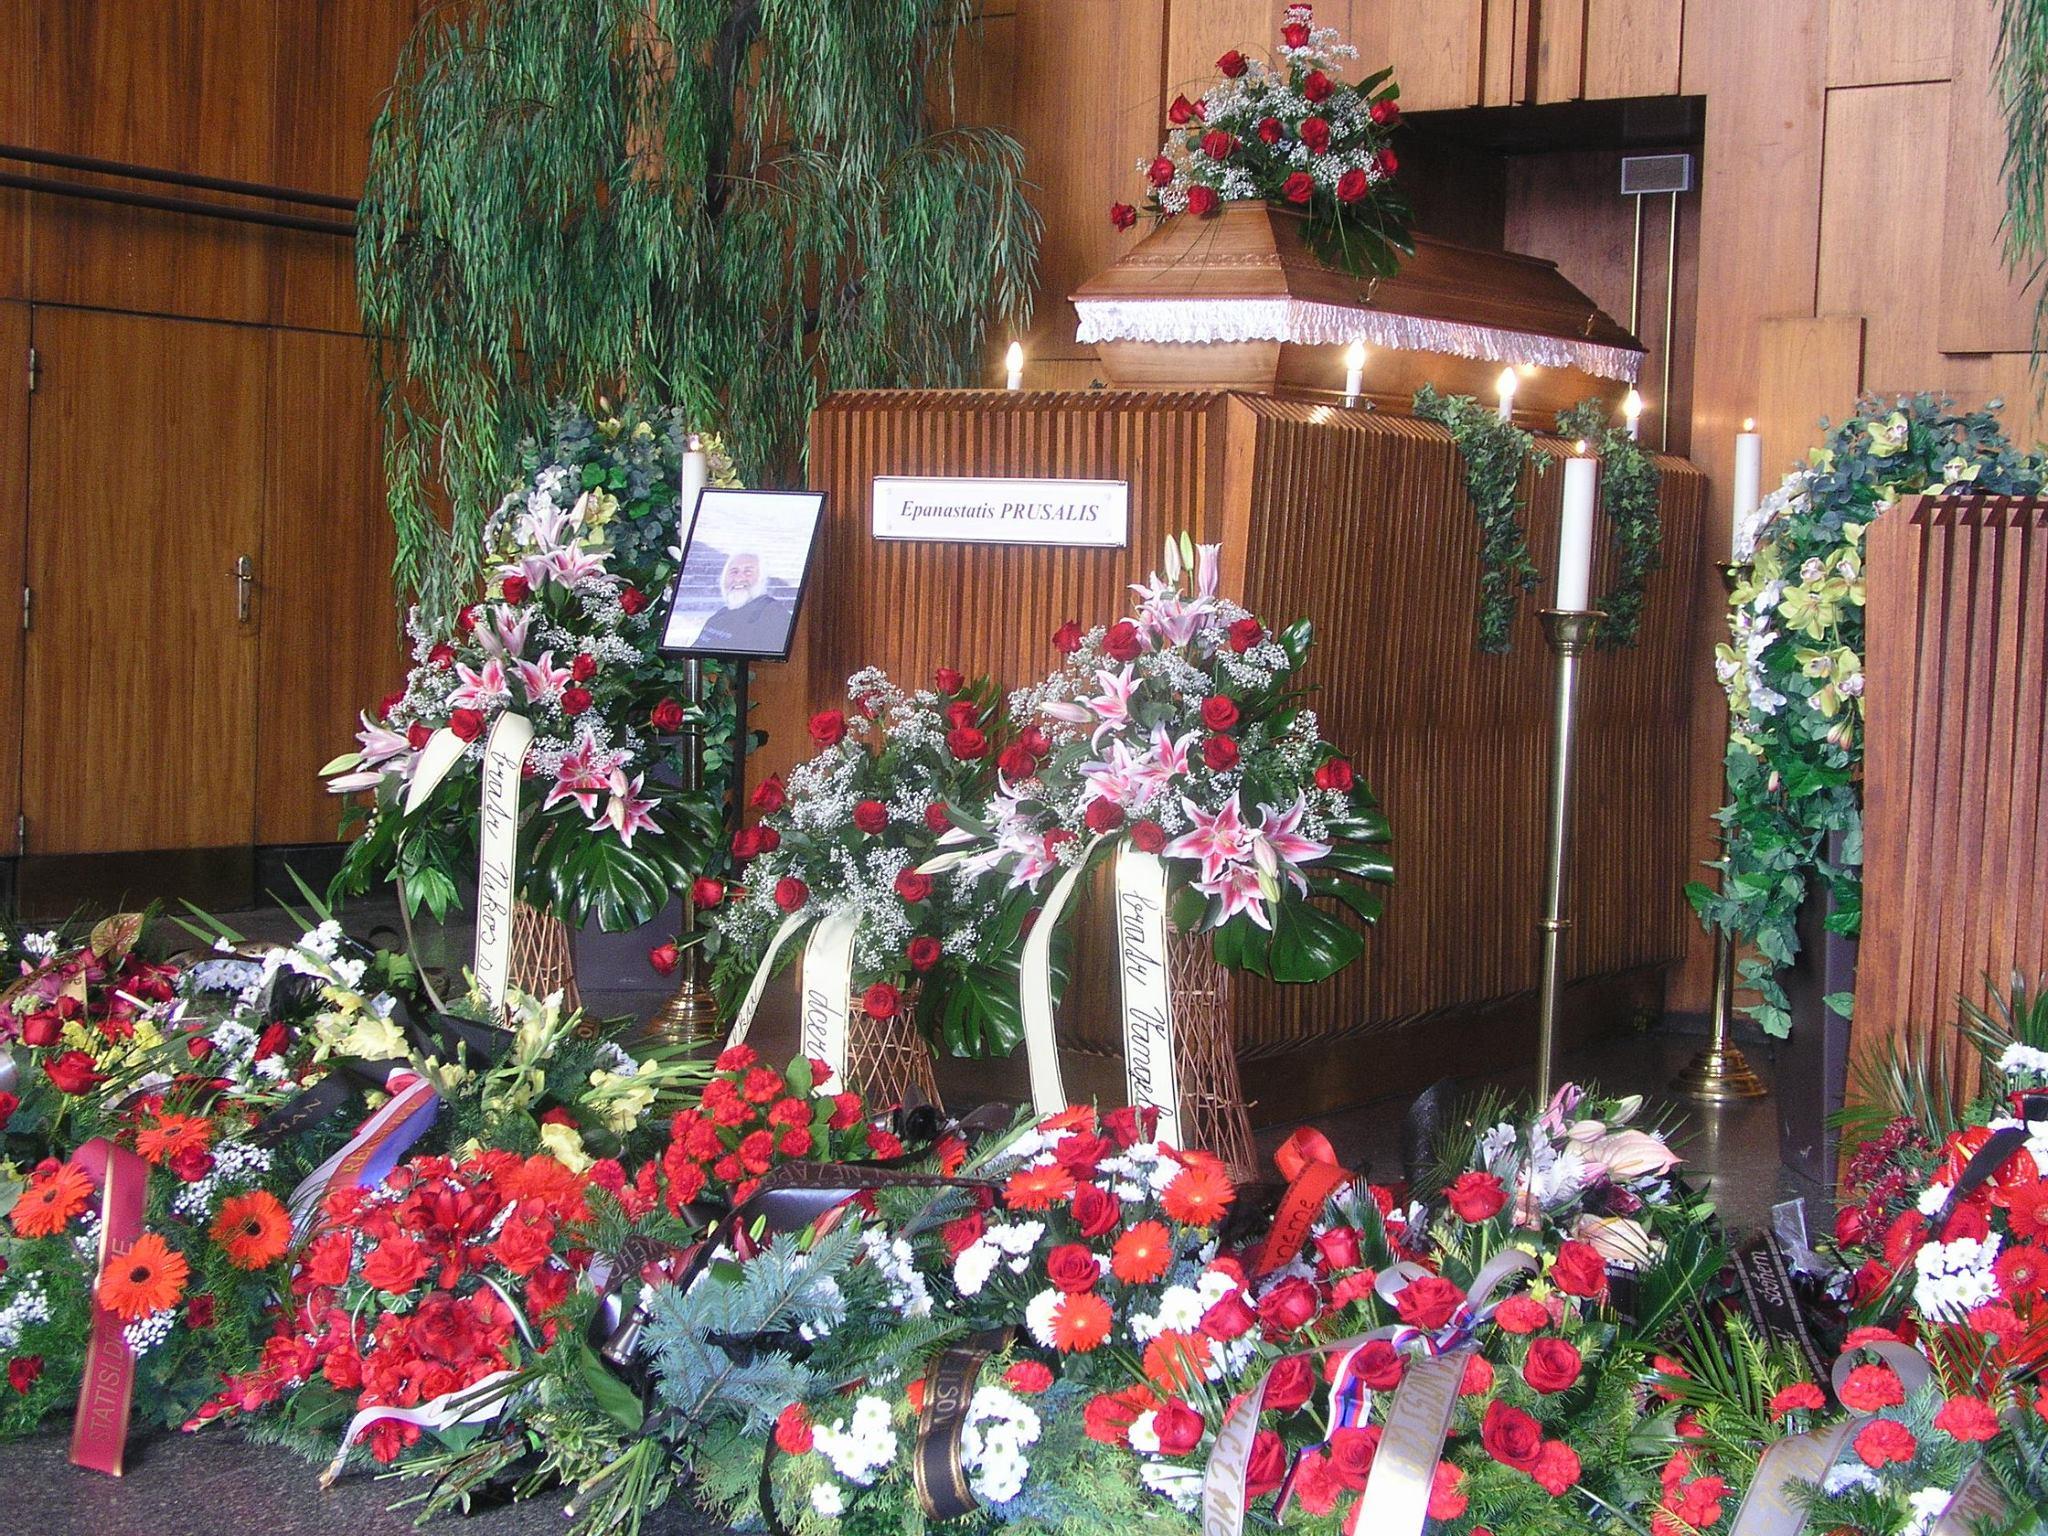 Επαναστάτης Προύσαλης, το τελευταίο αντίο. Πηγή φωτογραφίας: Ελληνική Κοινότητα στην Πράγα